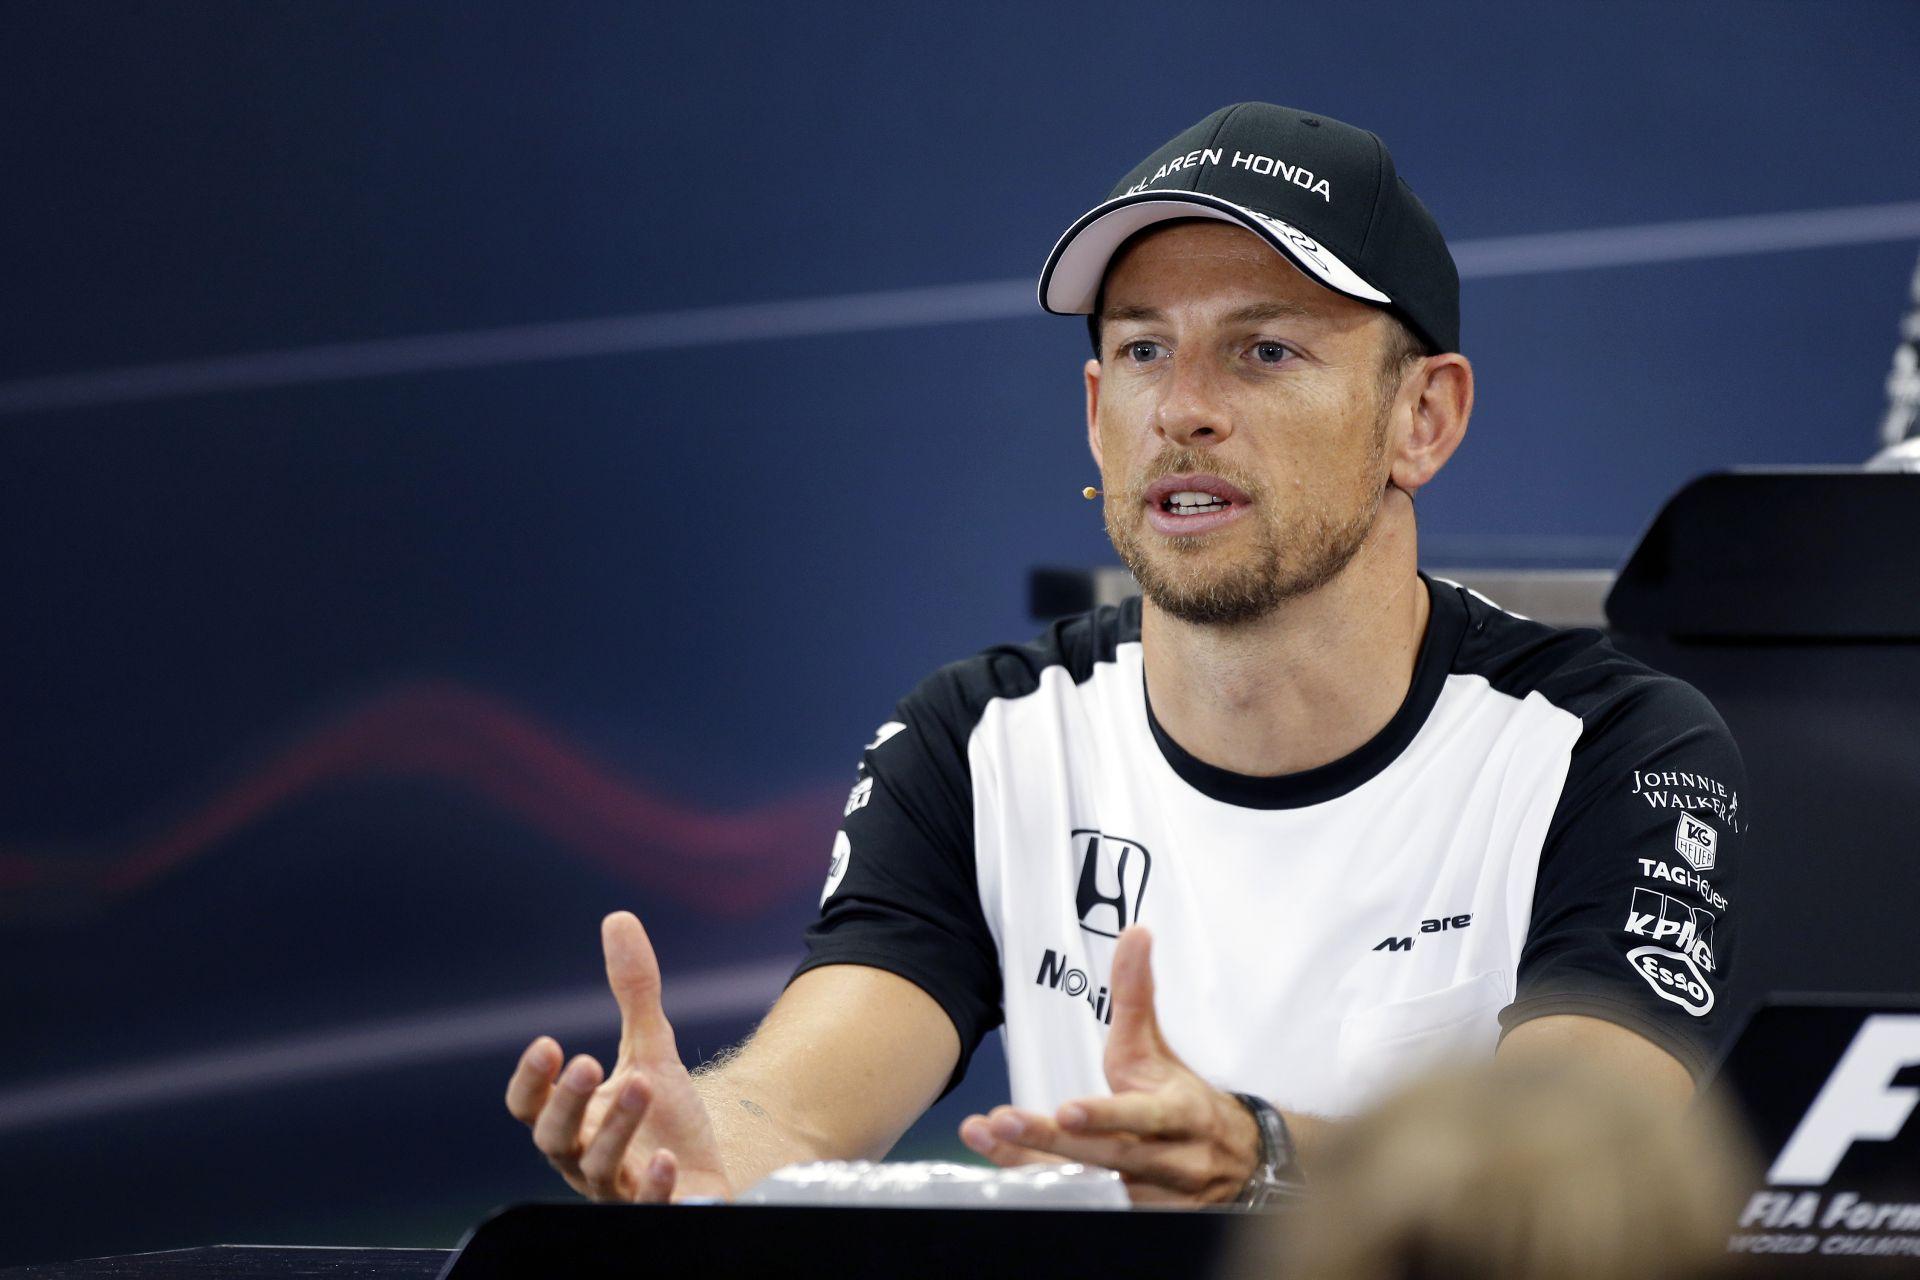 Hiába lett Button 13. a McLaren-Hondával, vért fog izzadni vasárnap